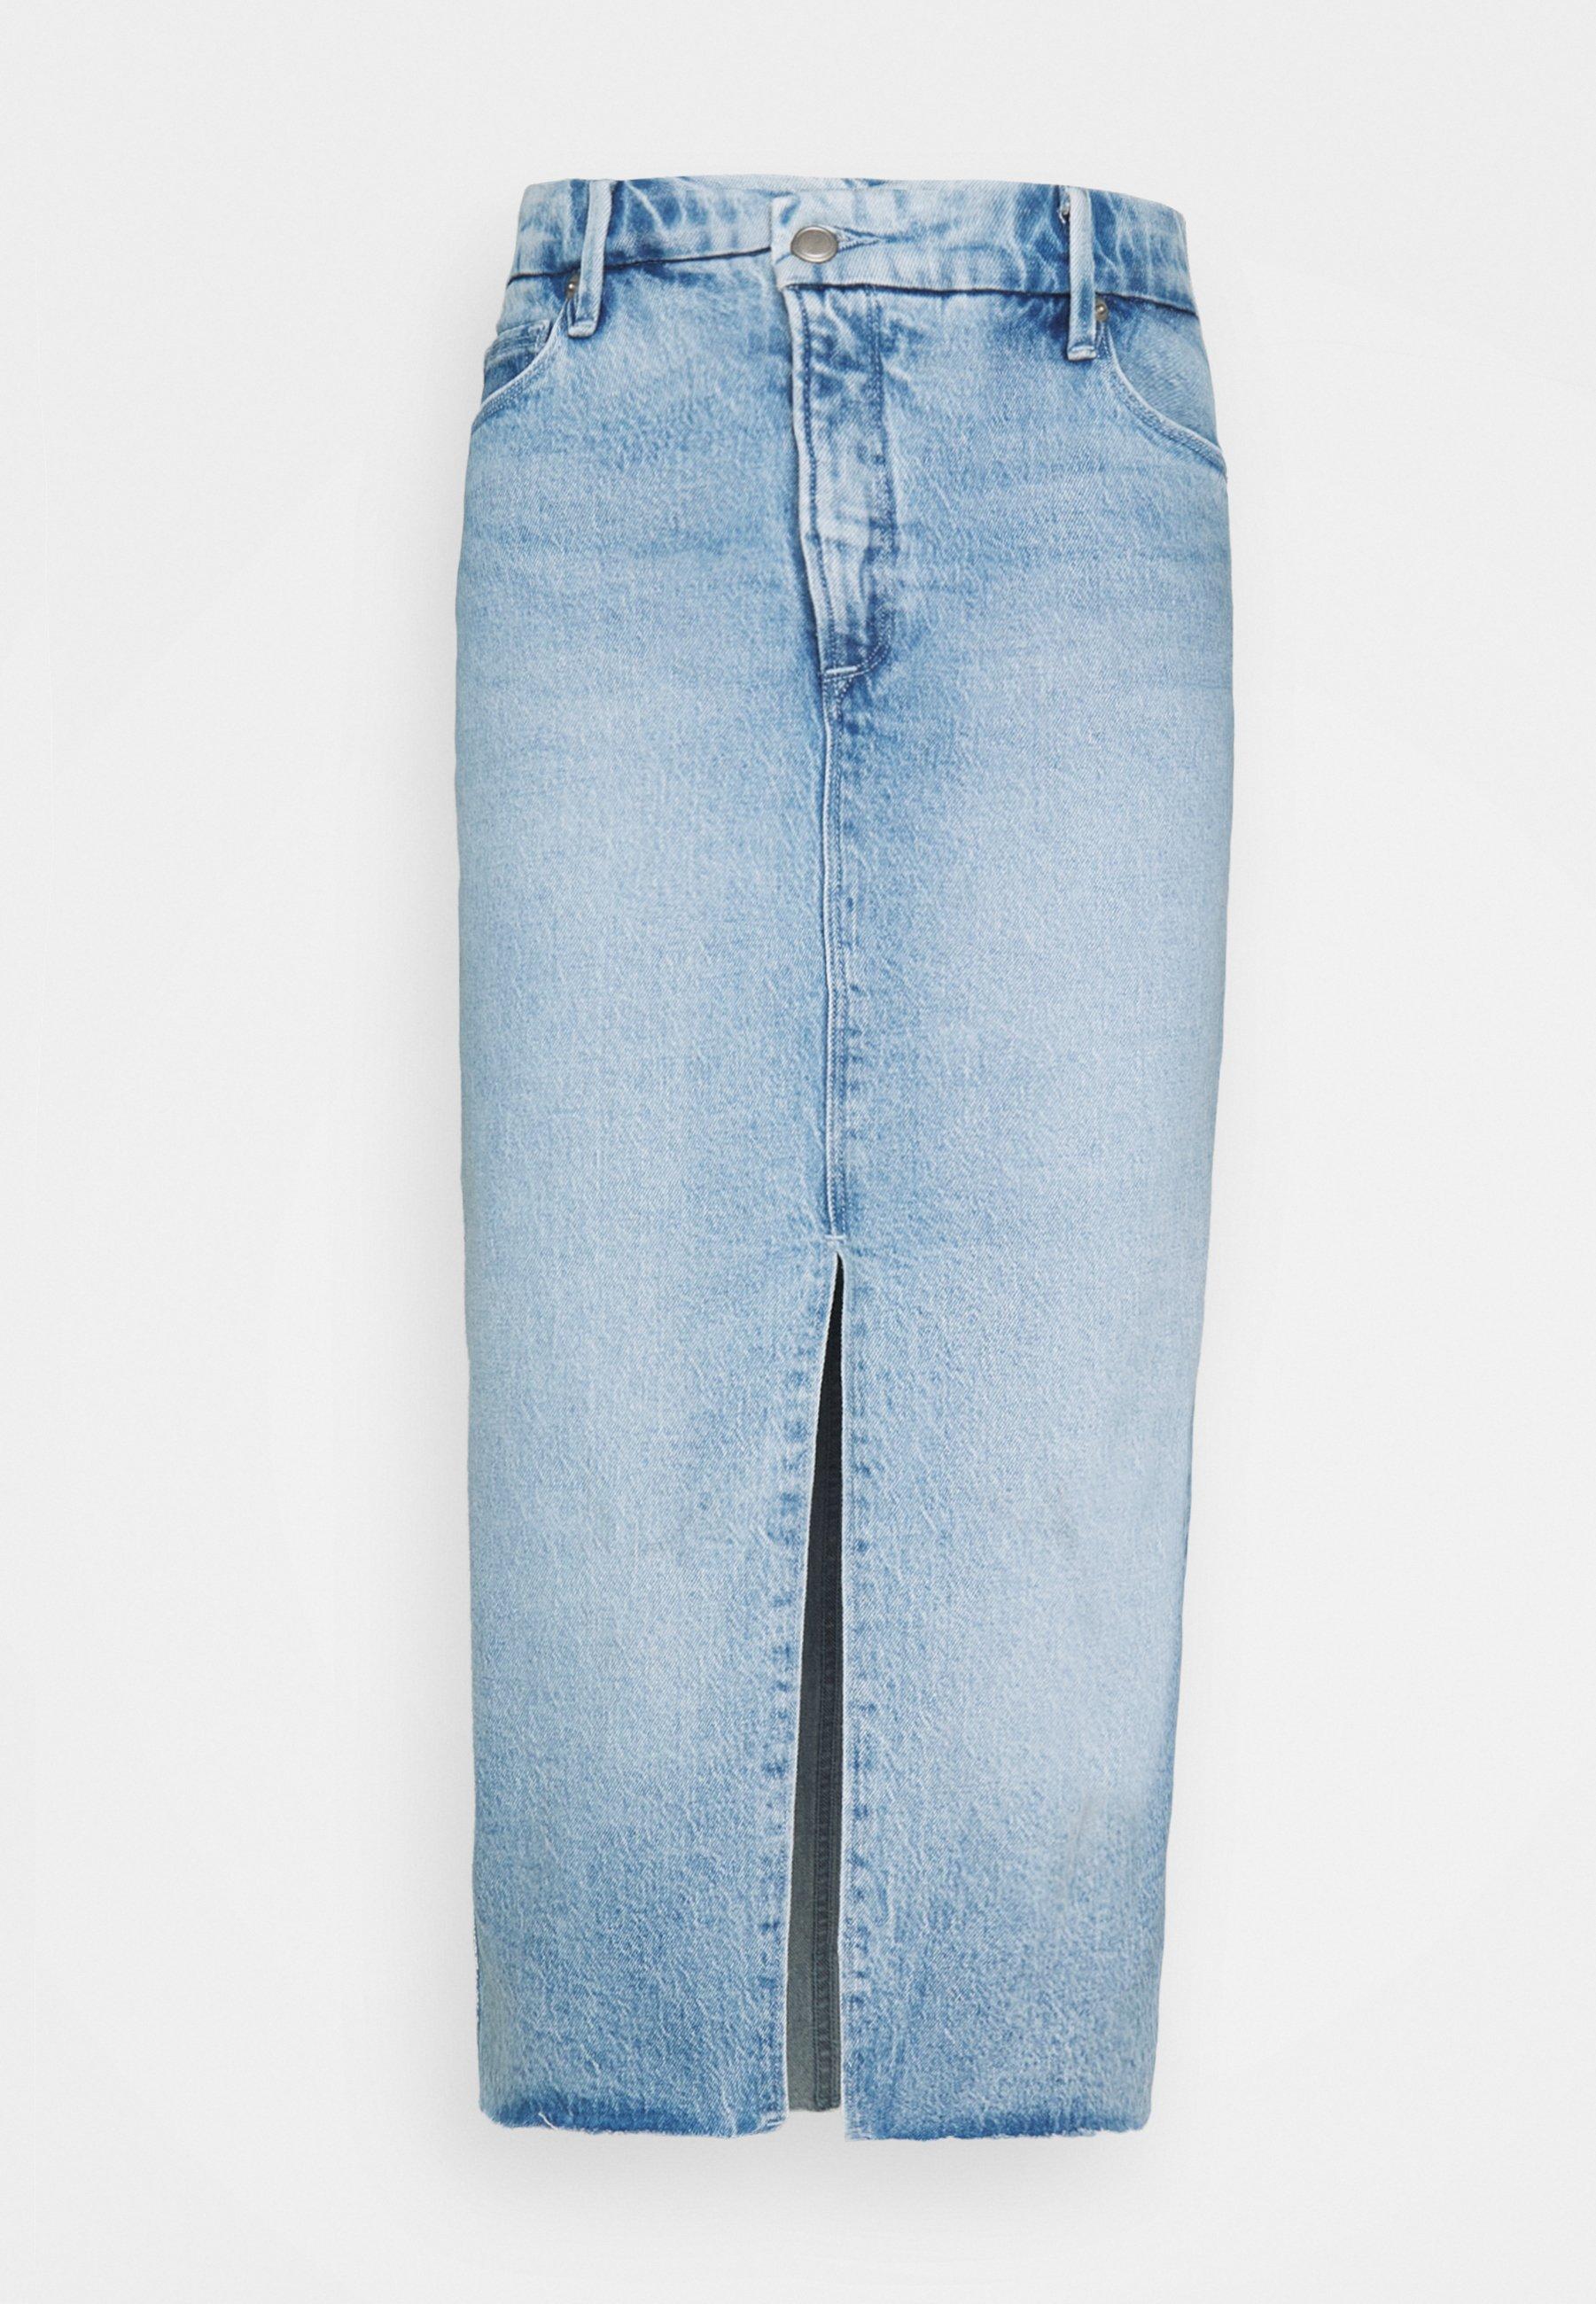 Femme CROSS OVER PENCIL SKIRT - Jupe en jean